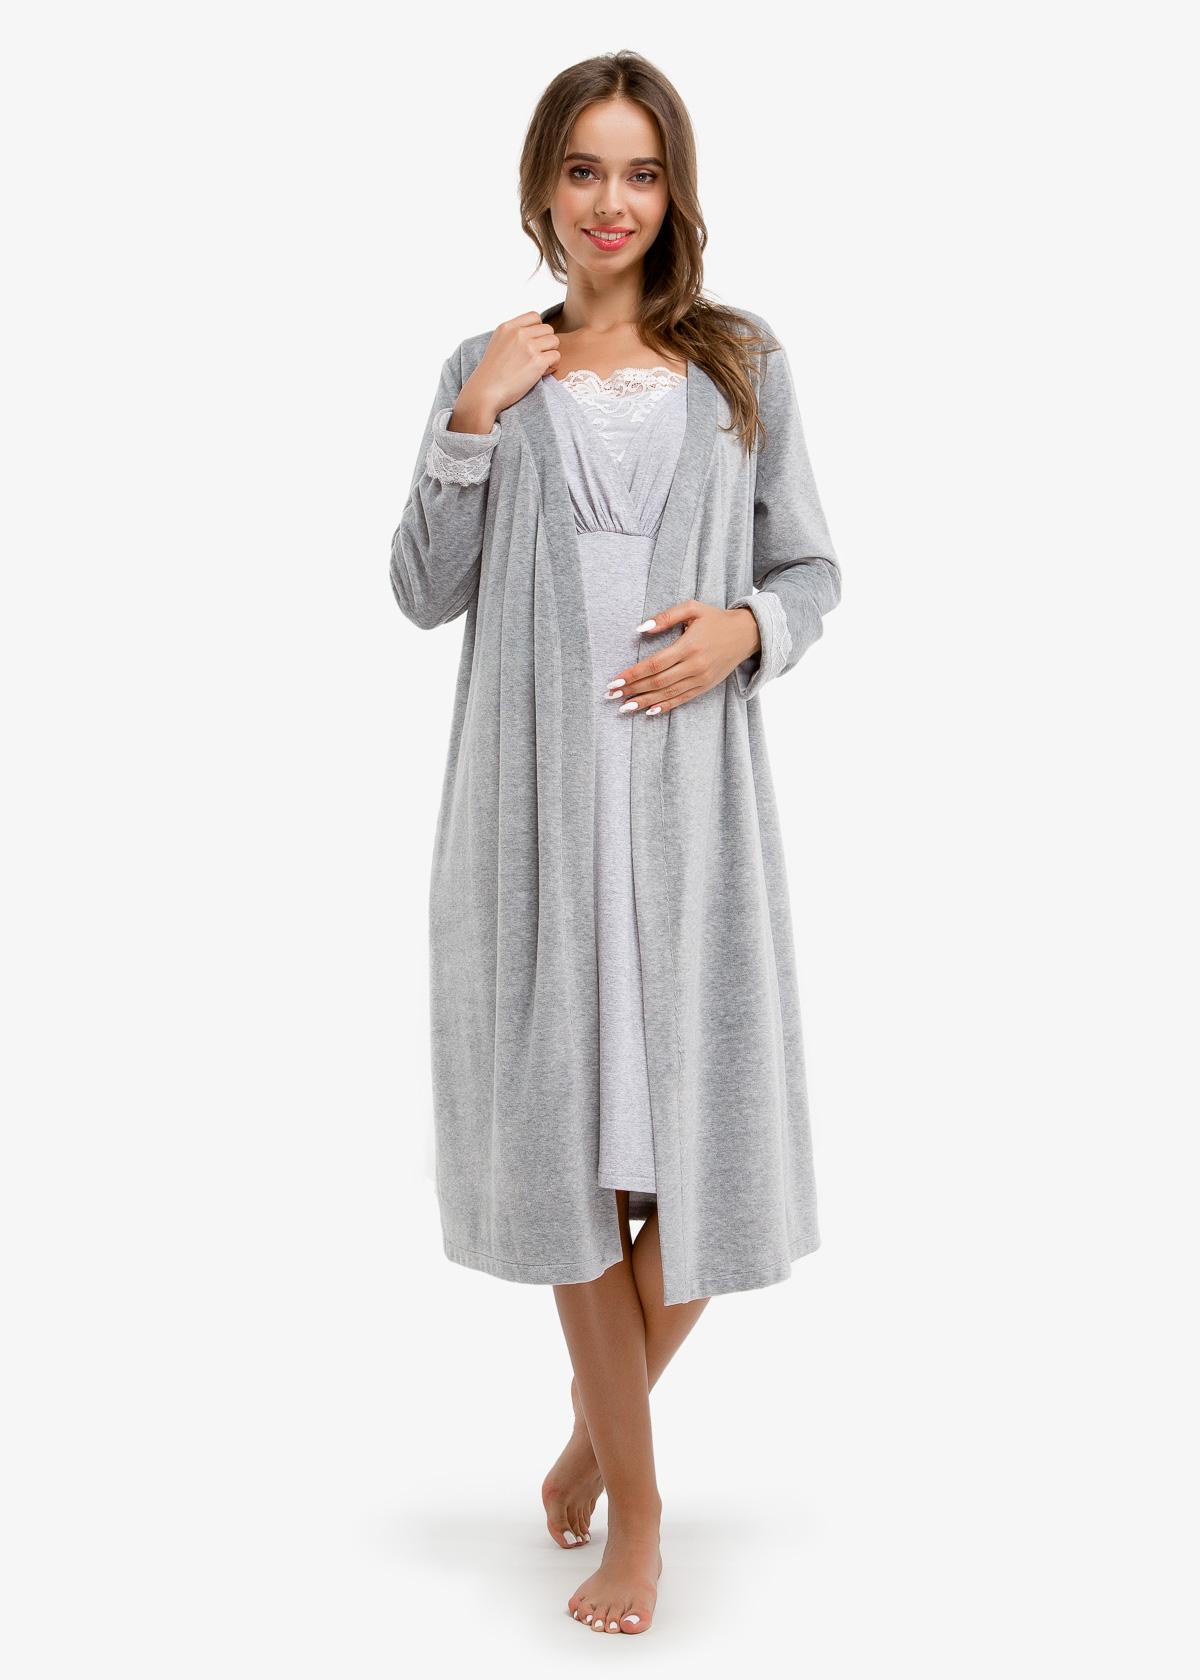 Фото: одежда для будущих мам, Серый халат для беременных и кормящих